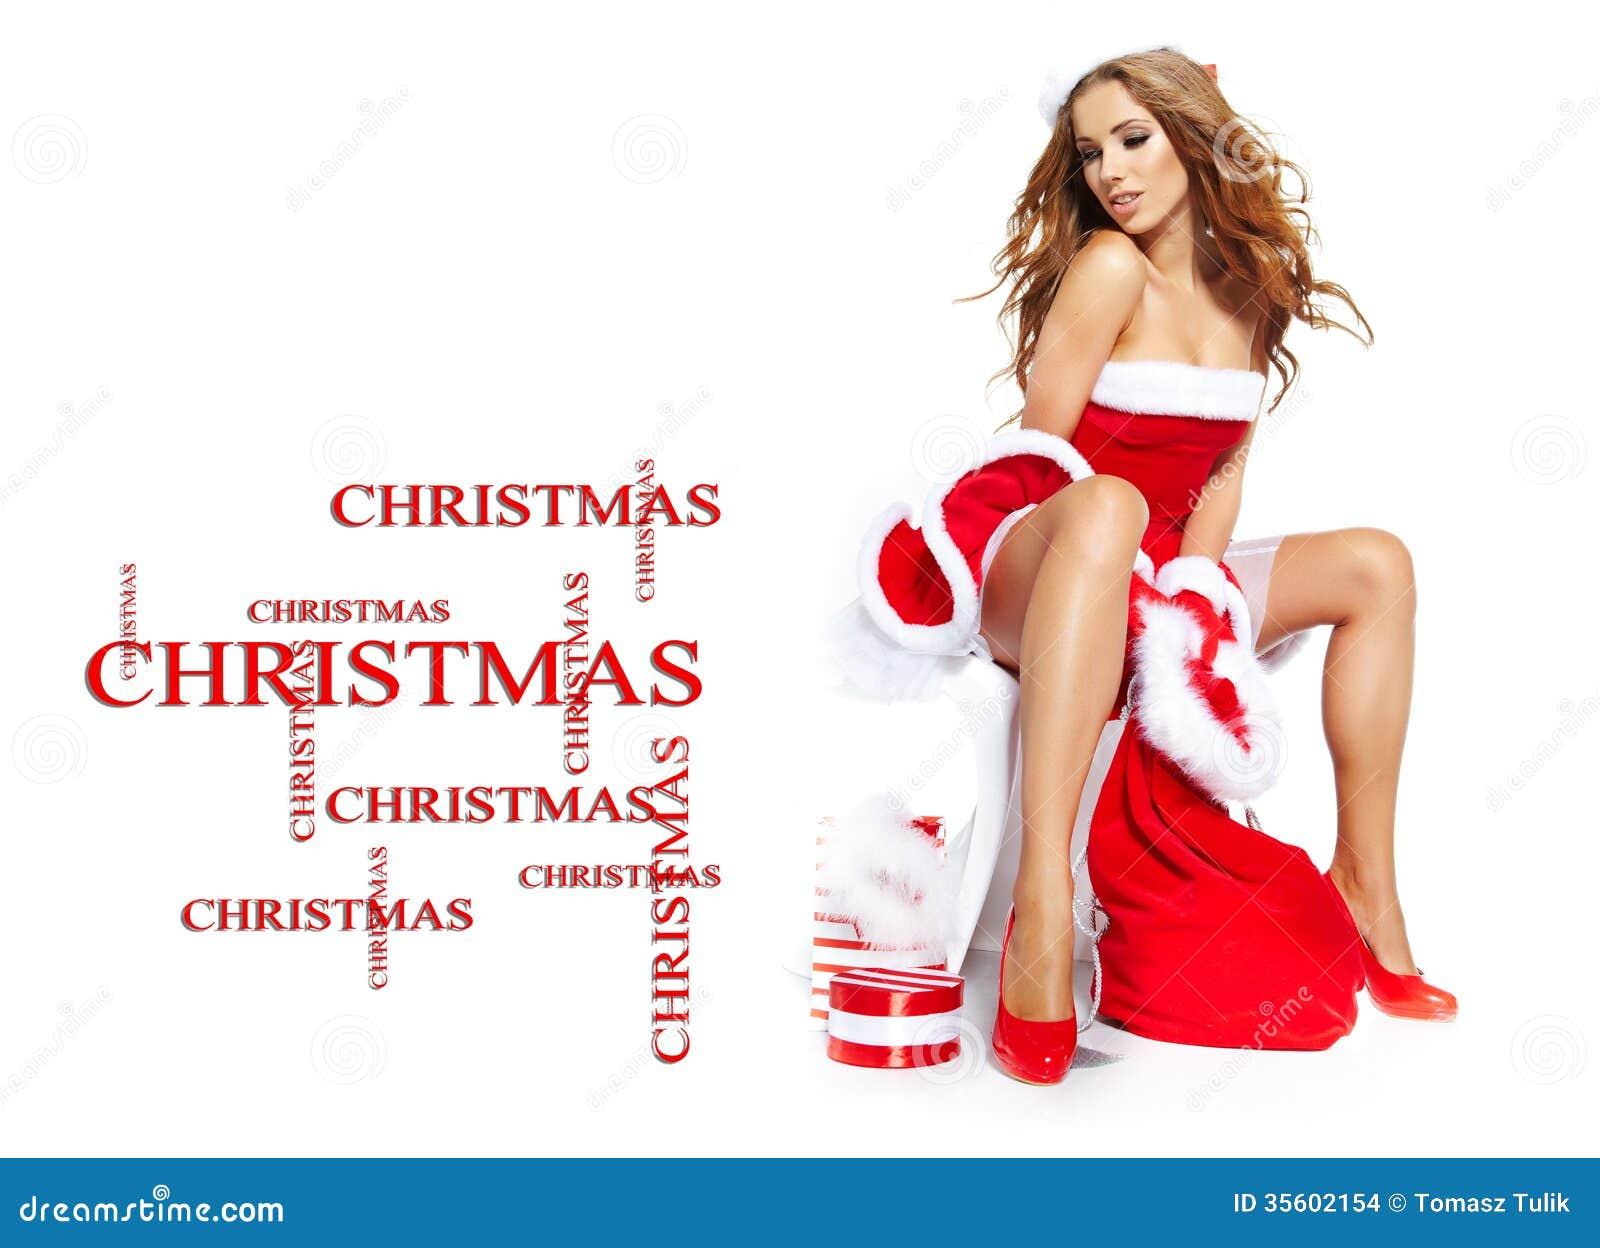 Sexy christmas e cards